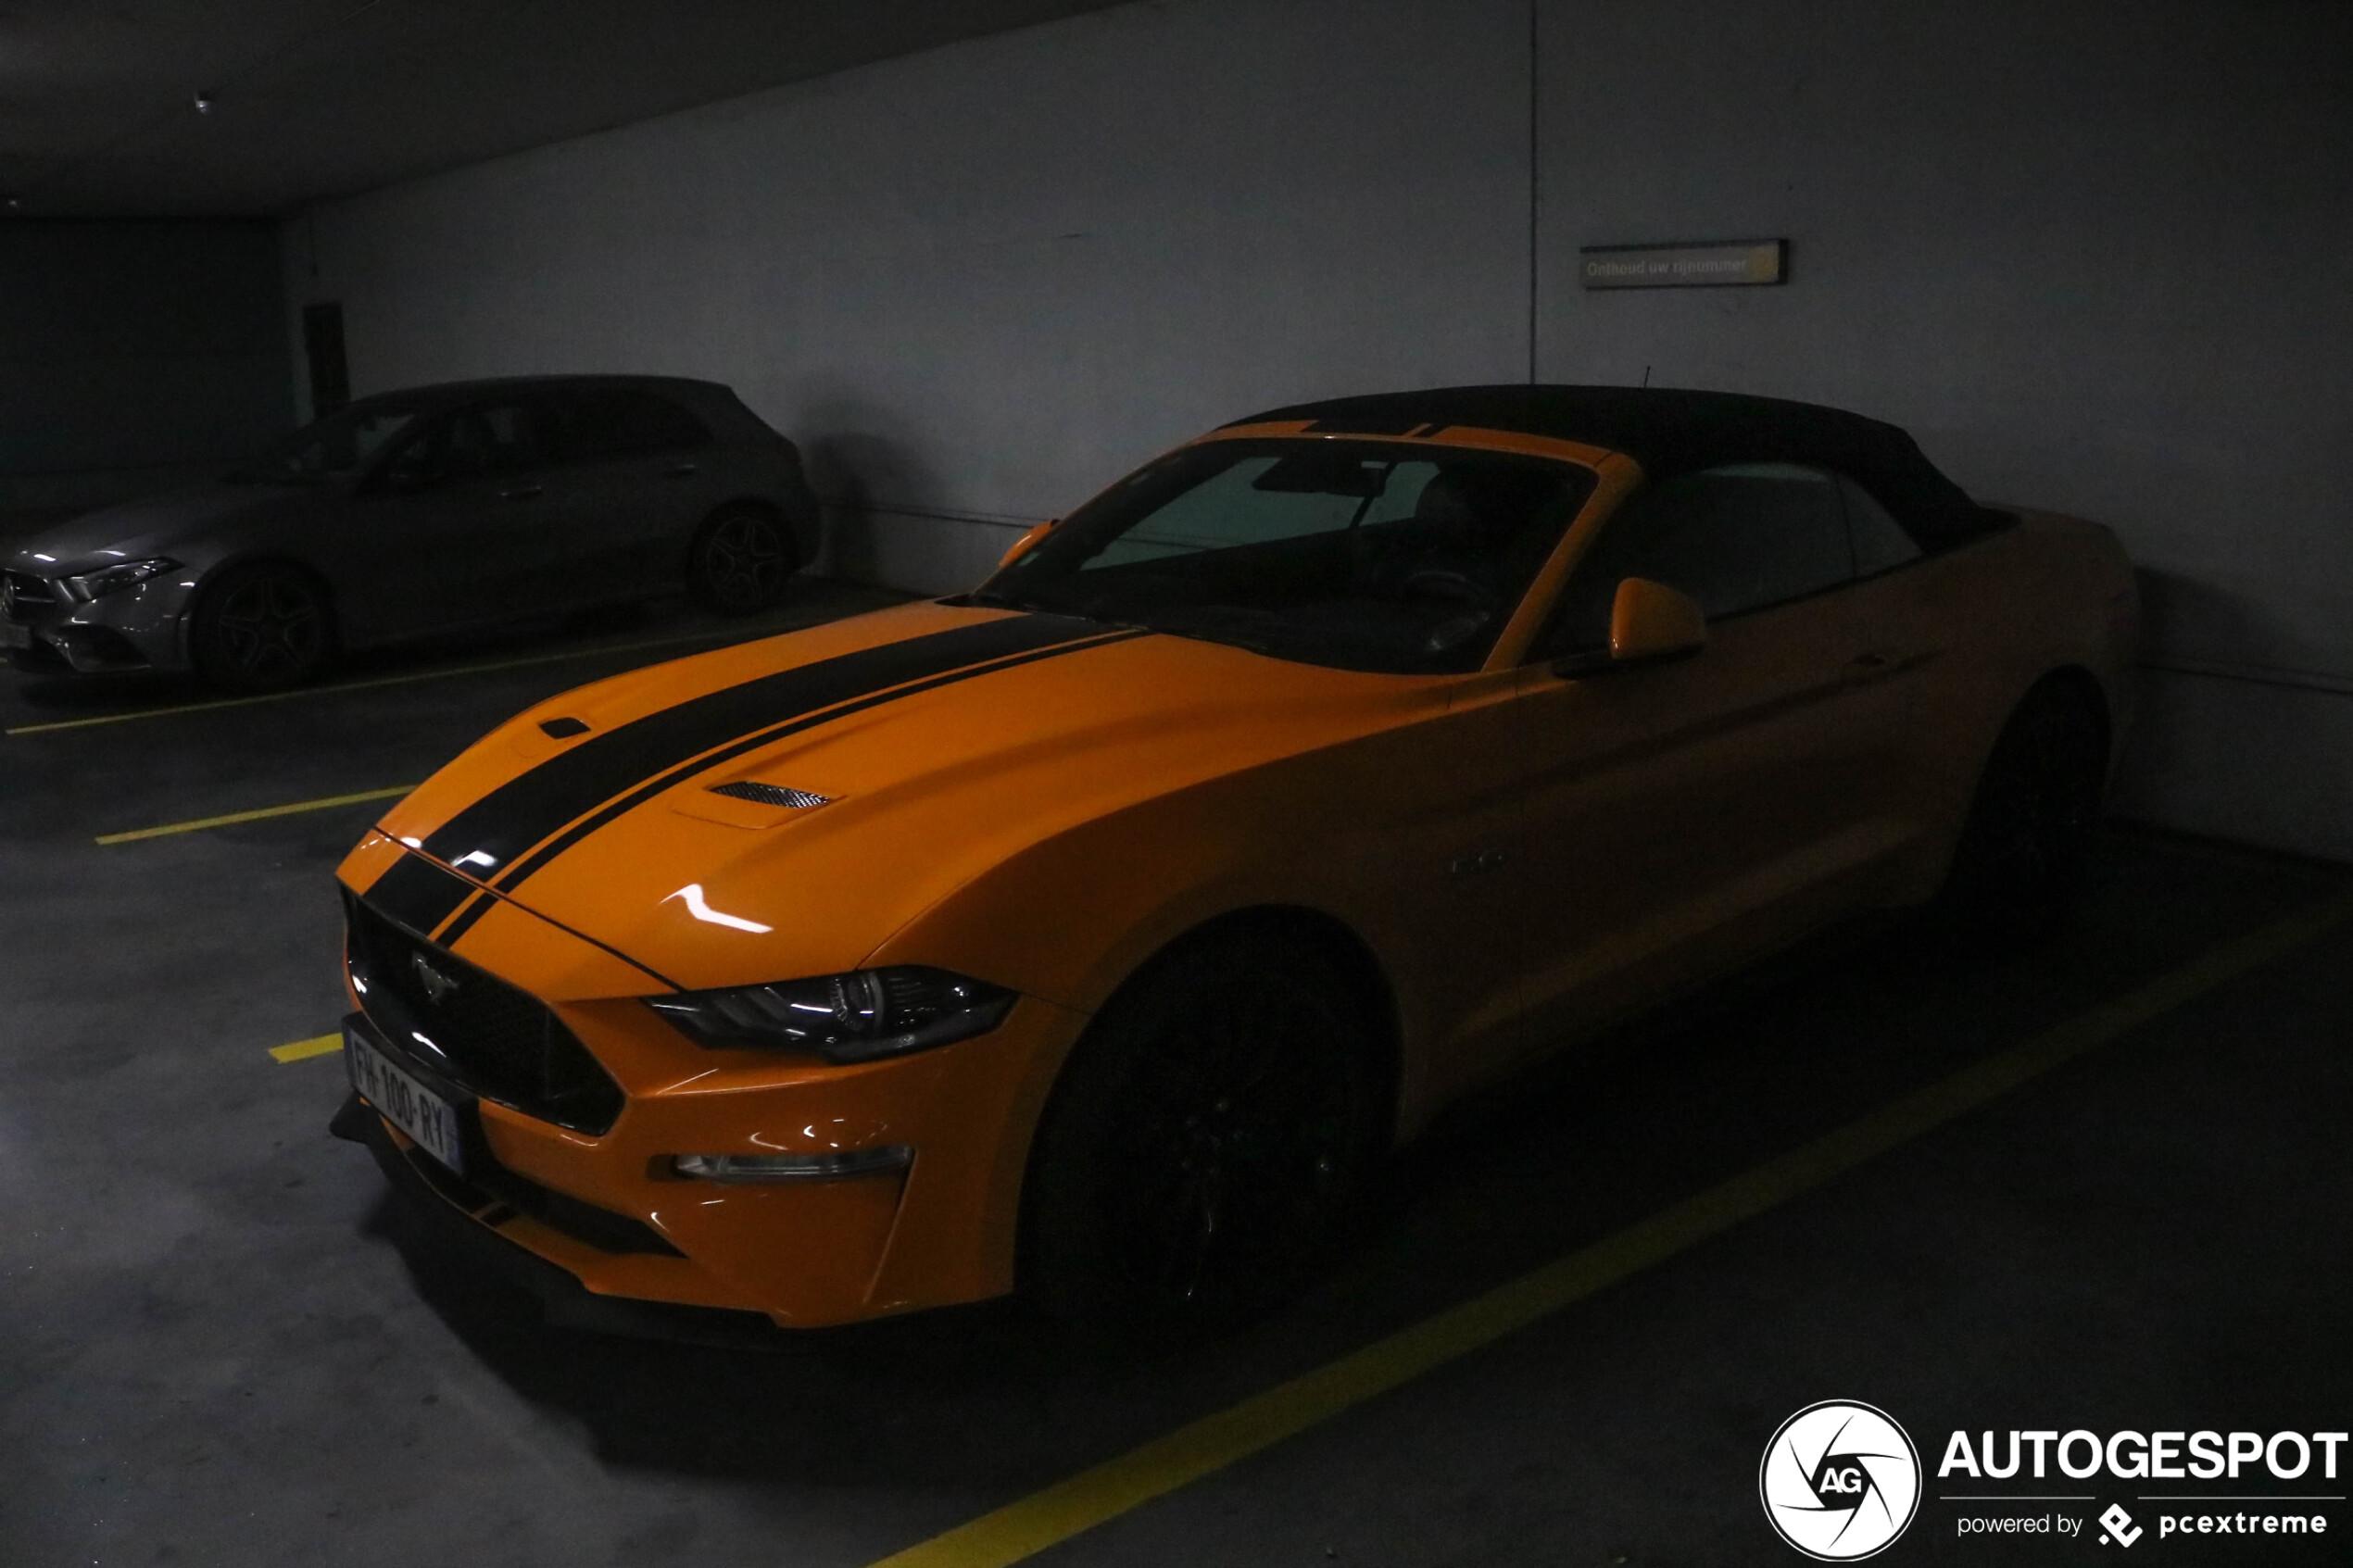 2020 Mustang Gt Convertible Weight